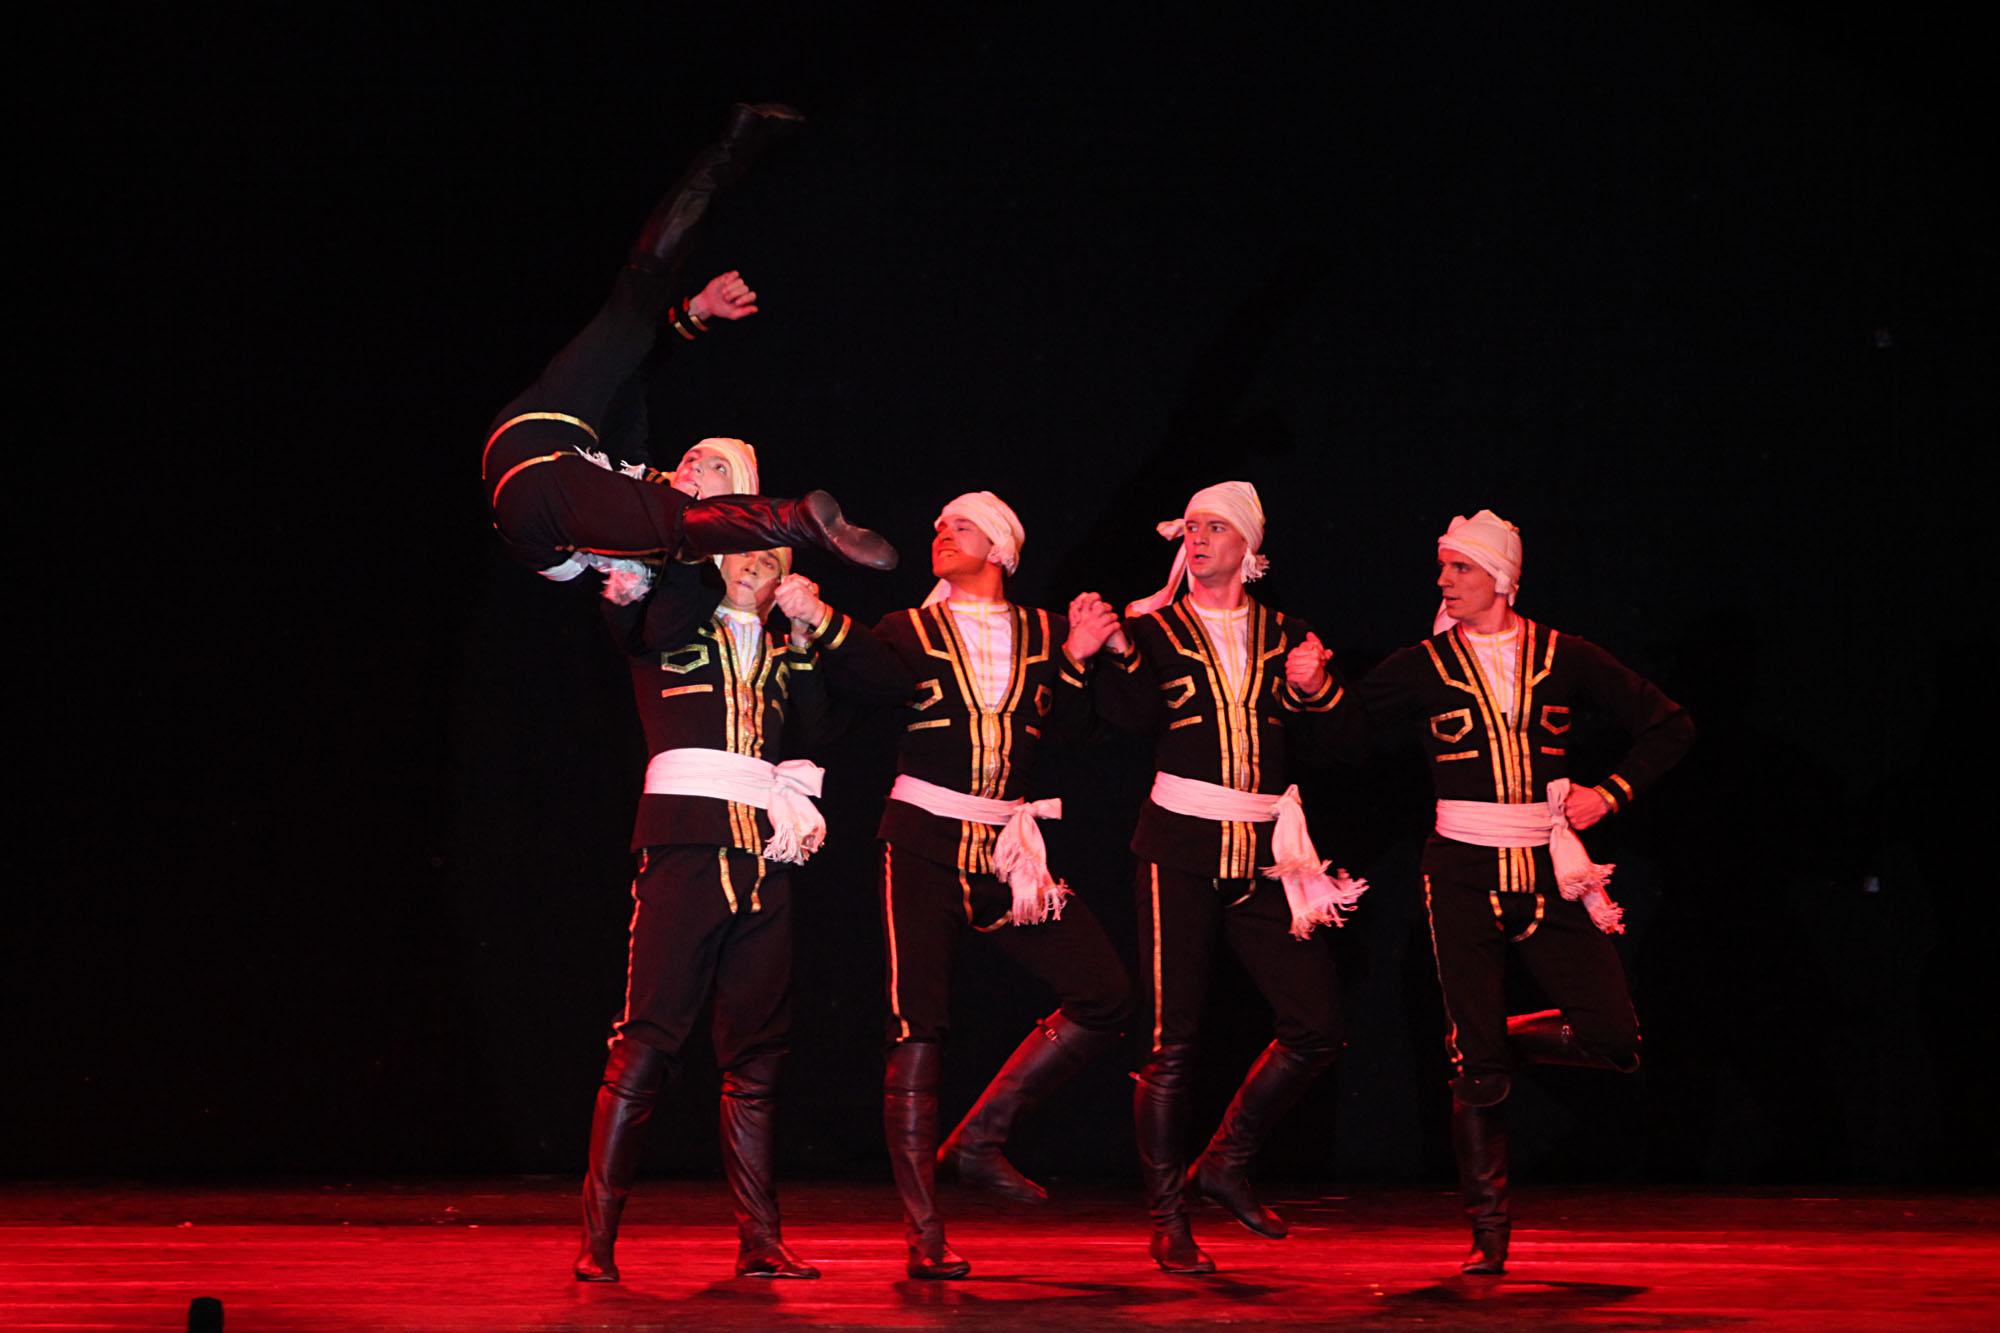 Moiseyev dikenal sebagai koreografer terbersar pada abad ke-20 yang mengubah metode pendidikan seni koreografi. Ia mengubah tarian-tarian rakyat menjadi suatu warisan kebudayaan dunia.